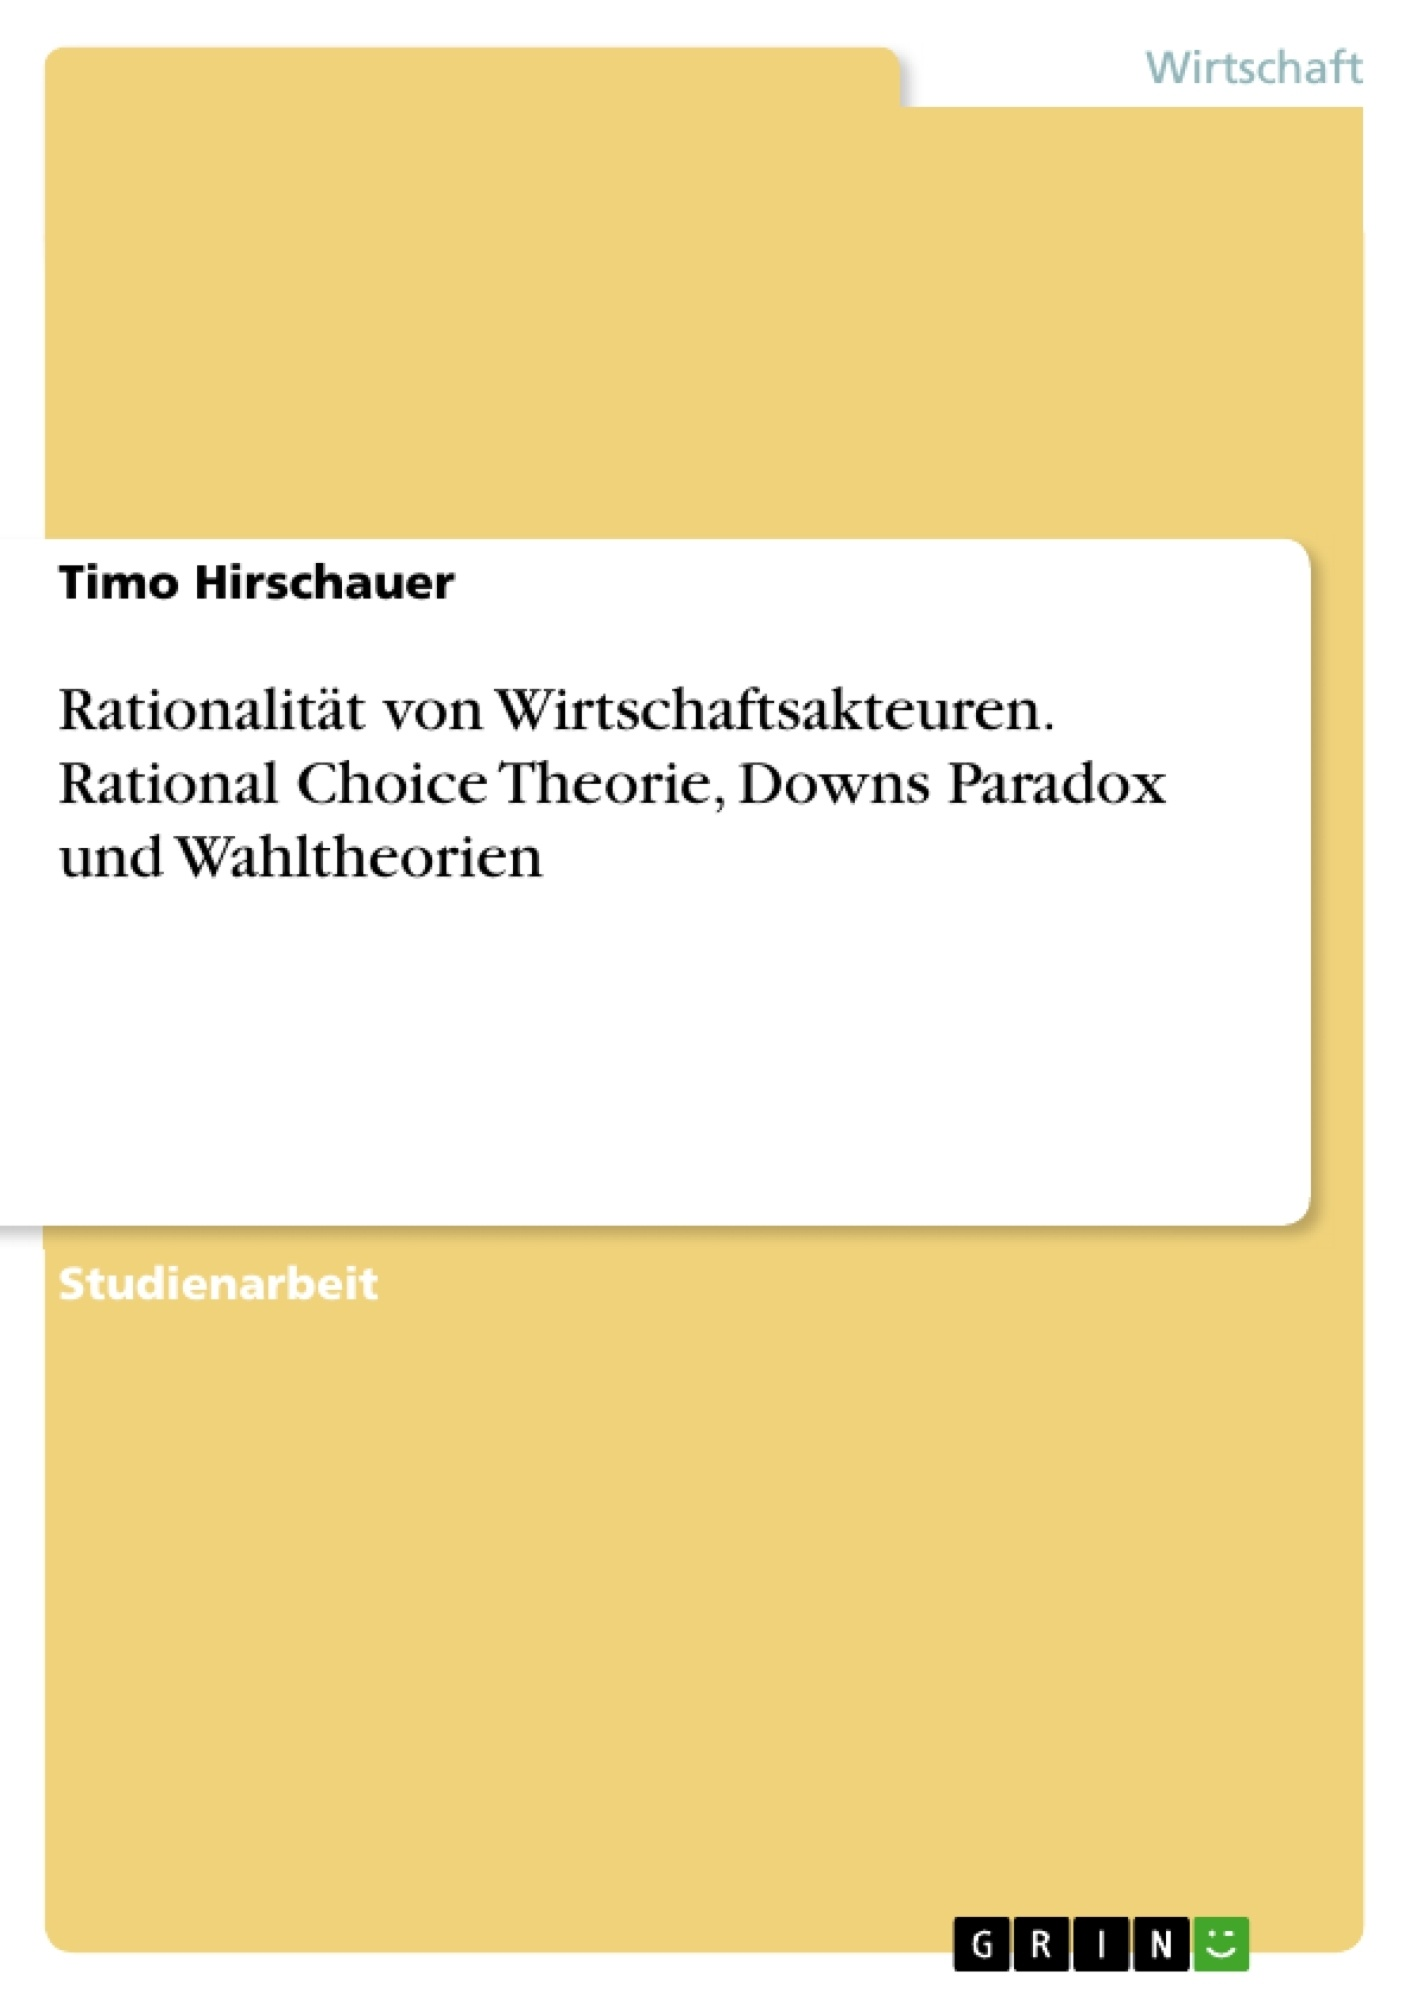 Titel: Rationalität von Wirtschaftsakteuren. Rational Choice Theorie, Downs Paradox und Wahltheorien